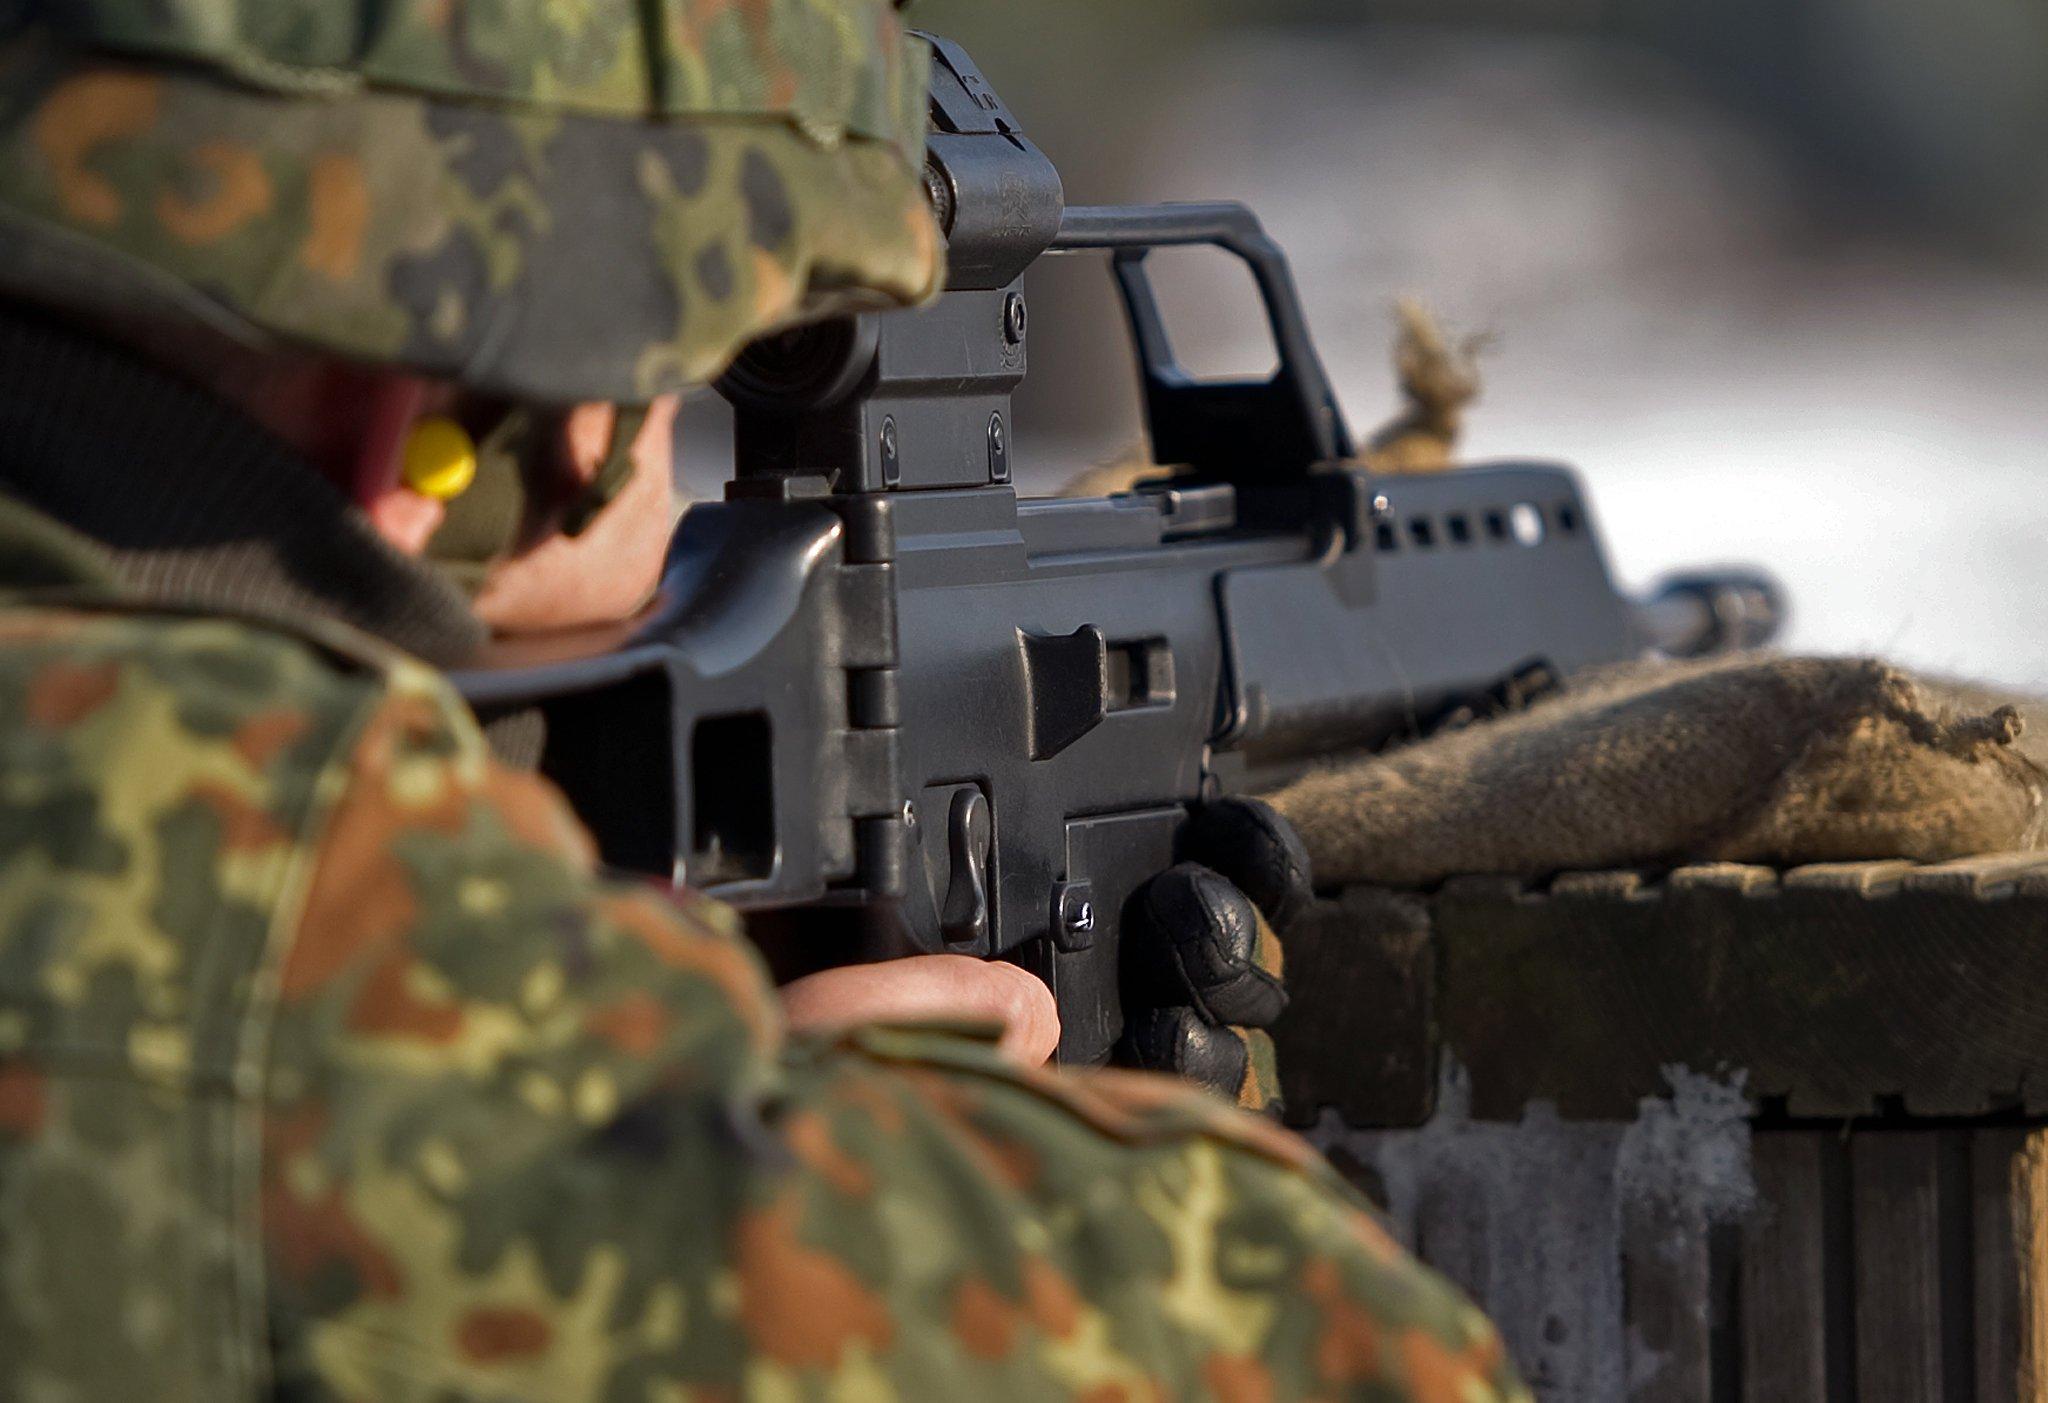 Schießübung mit Sturmgewehr G36:Hersteller Heckler & Koch widerspricht Vorwürfen zu massiven Problemen bei der Treffsicherheit der Waffe.